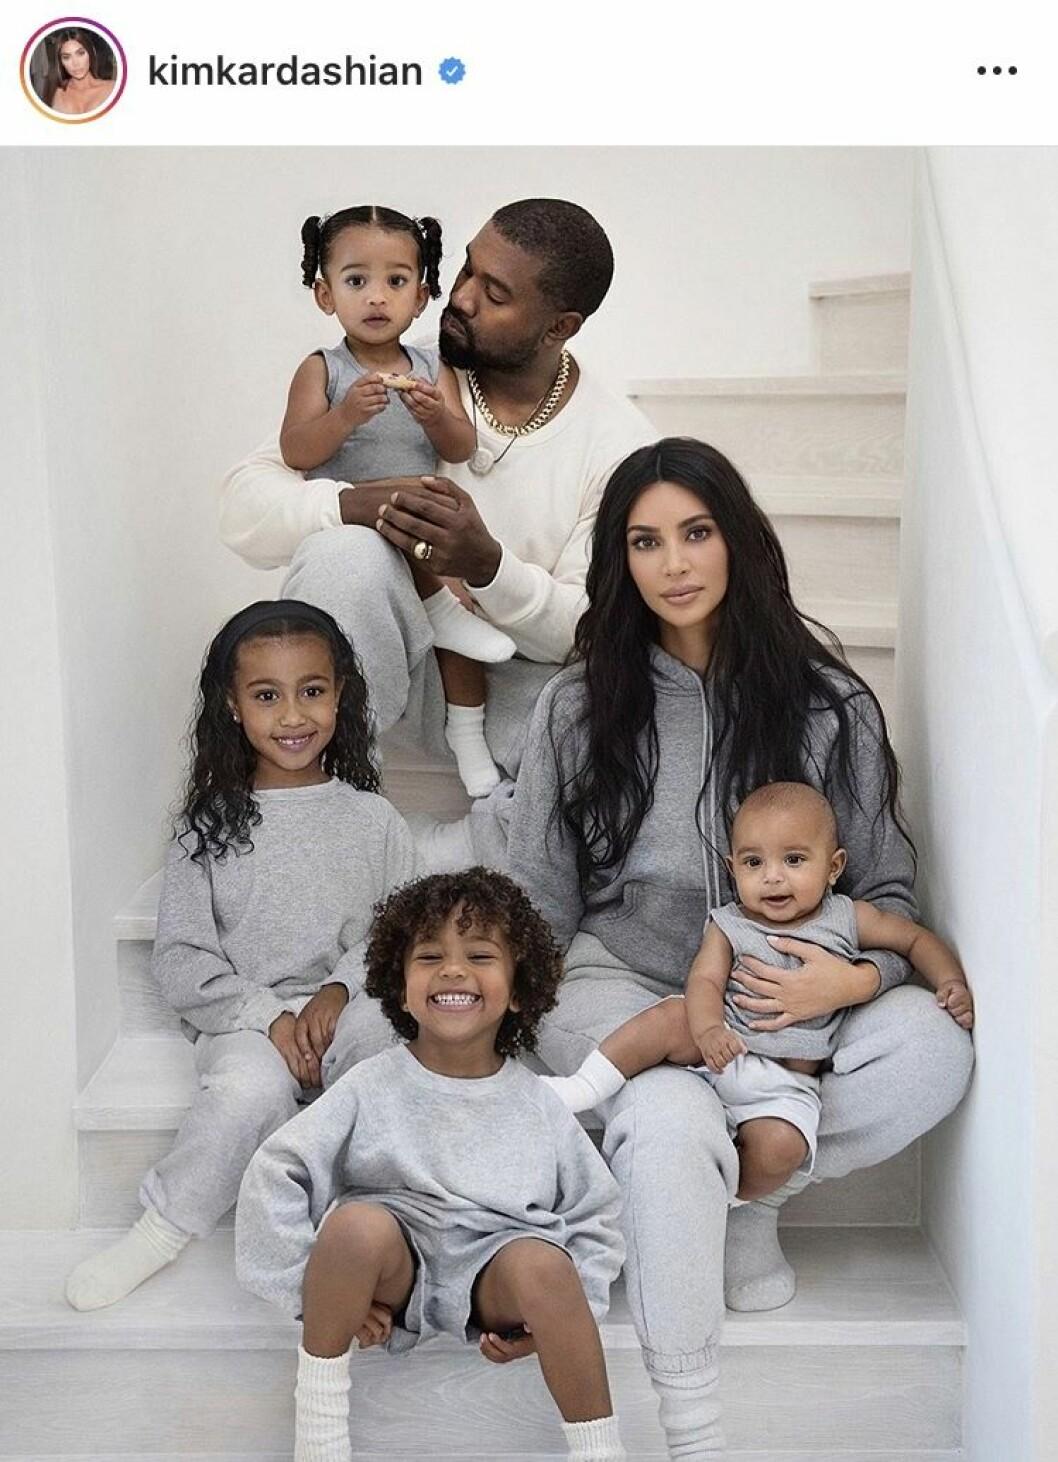 Kim Kardashian och Kanye West sitter i en trappa med alla sina barn och alla har grå mjukiskläder